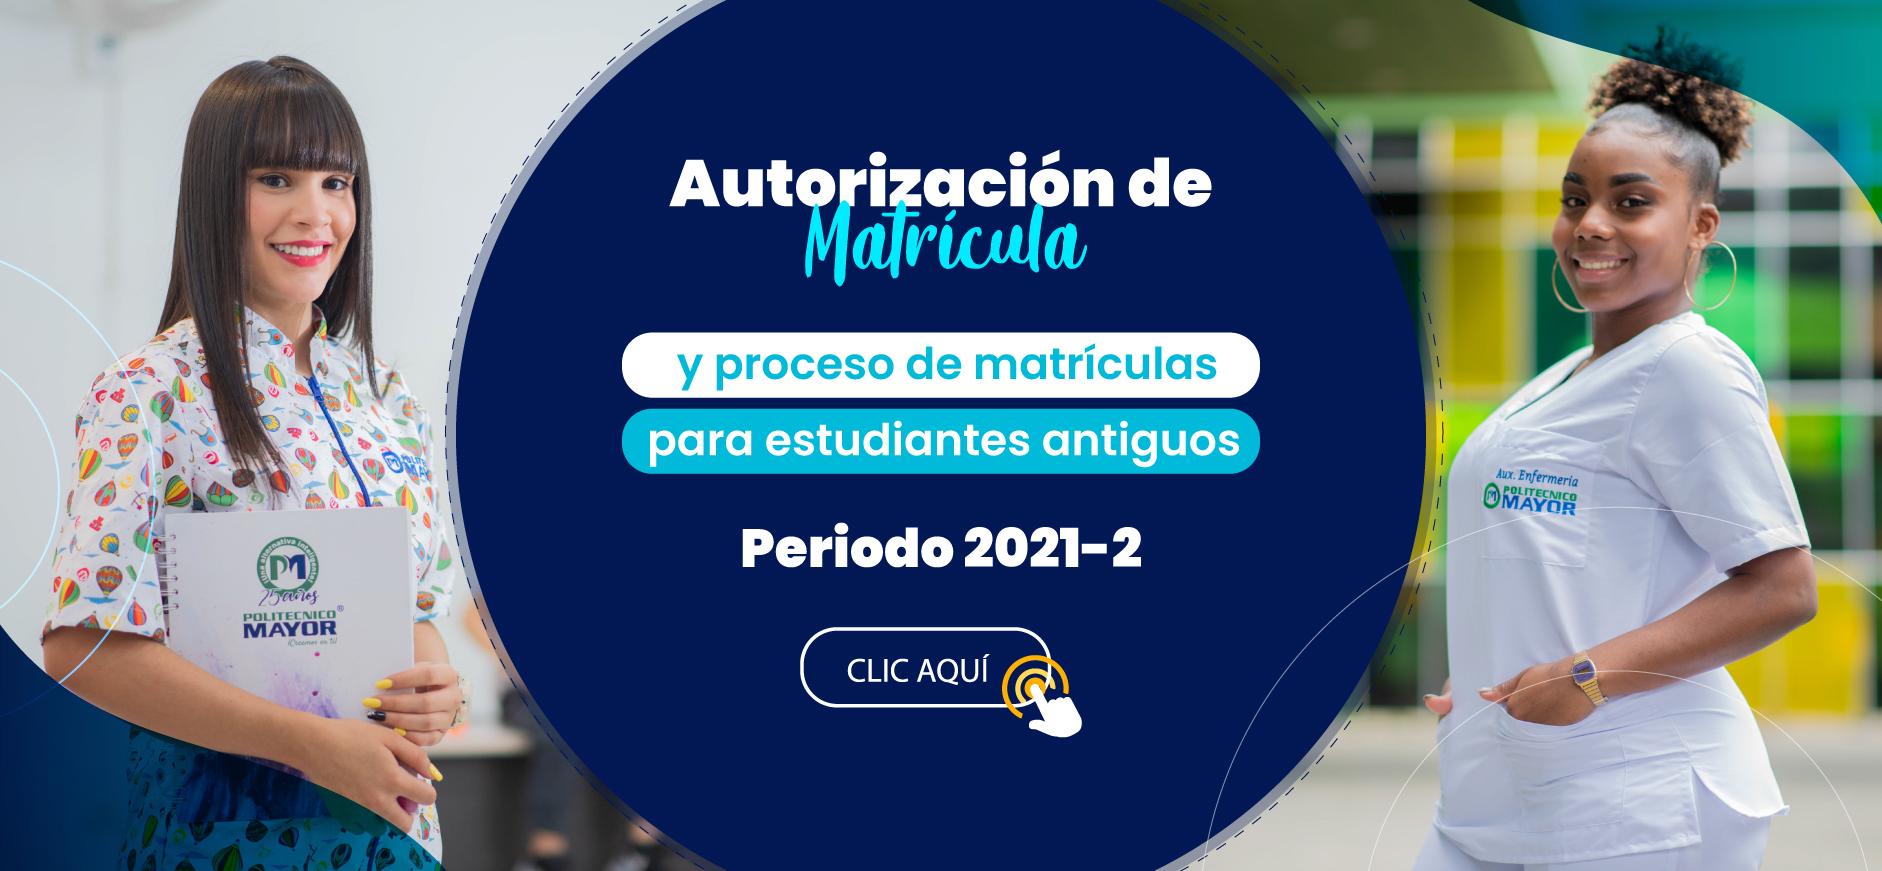 Autorizacin-de-Matrculas-2021-2